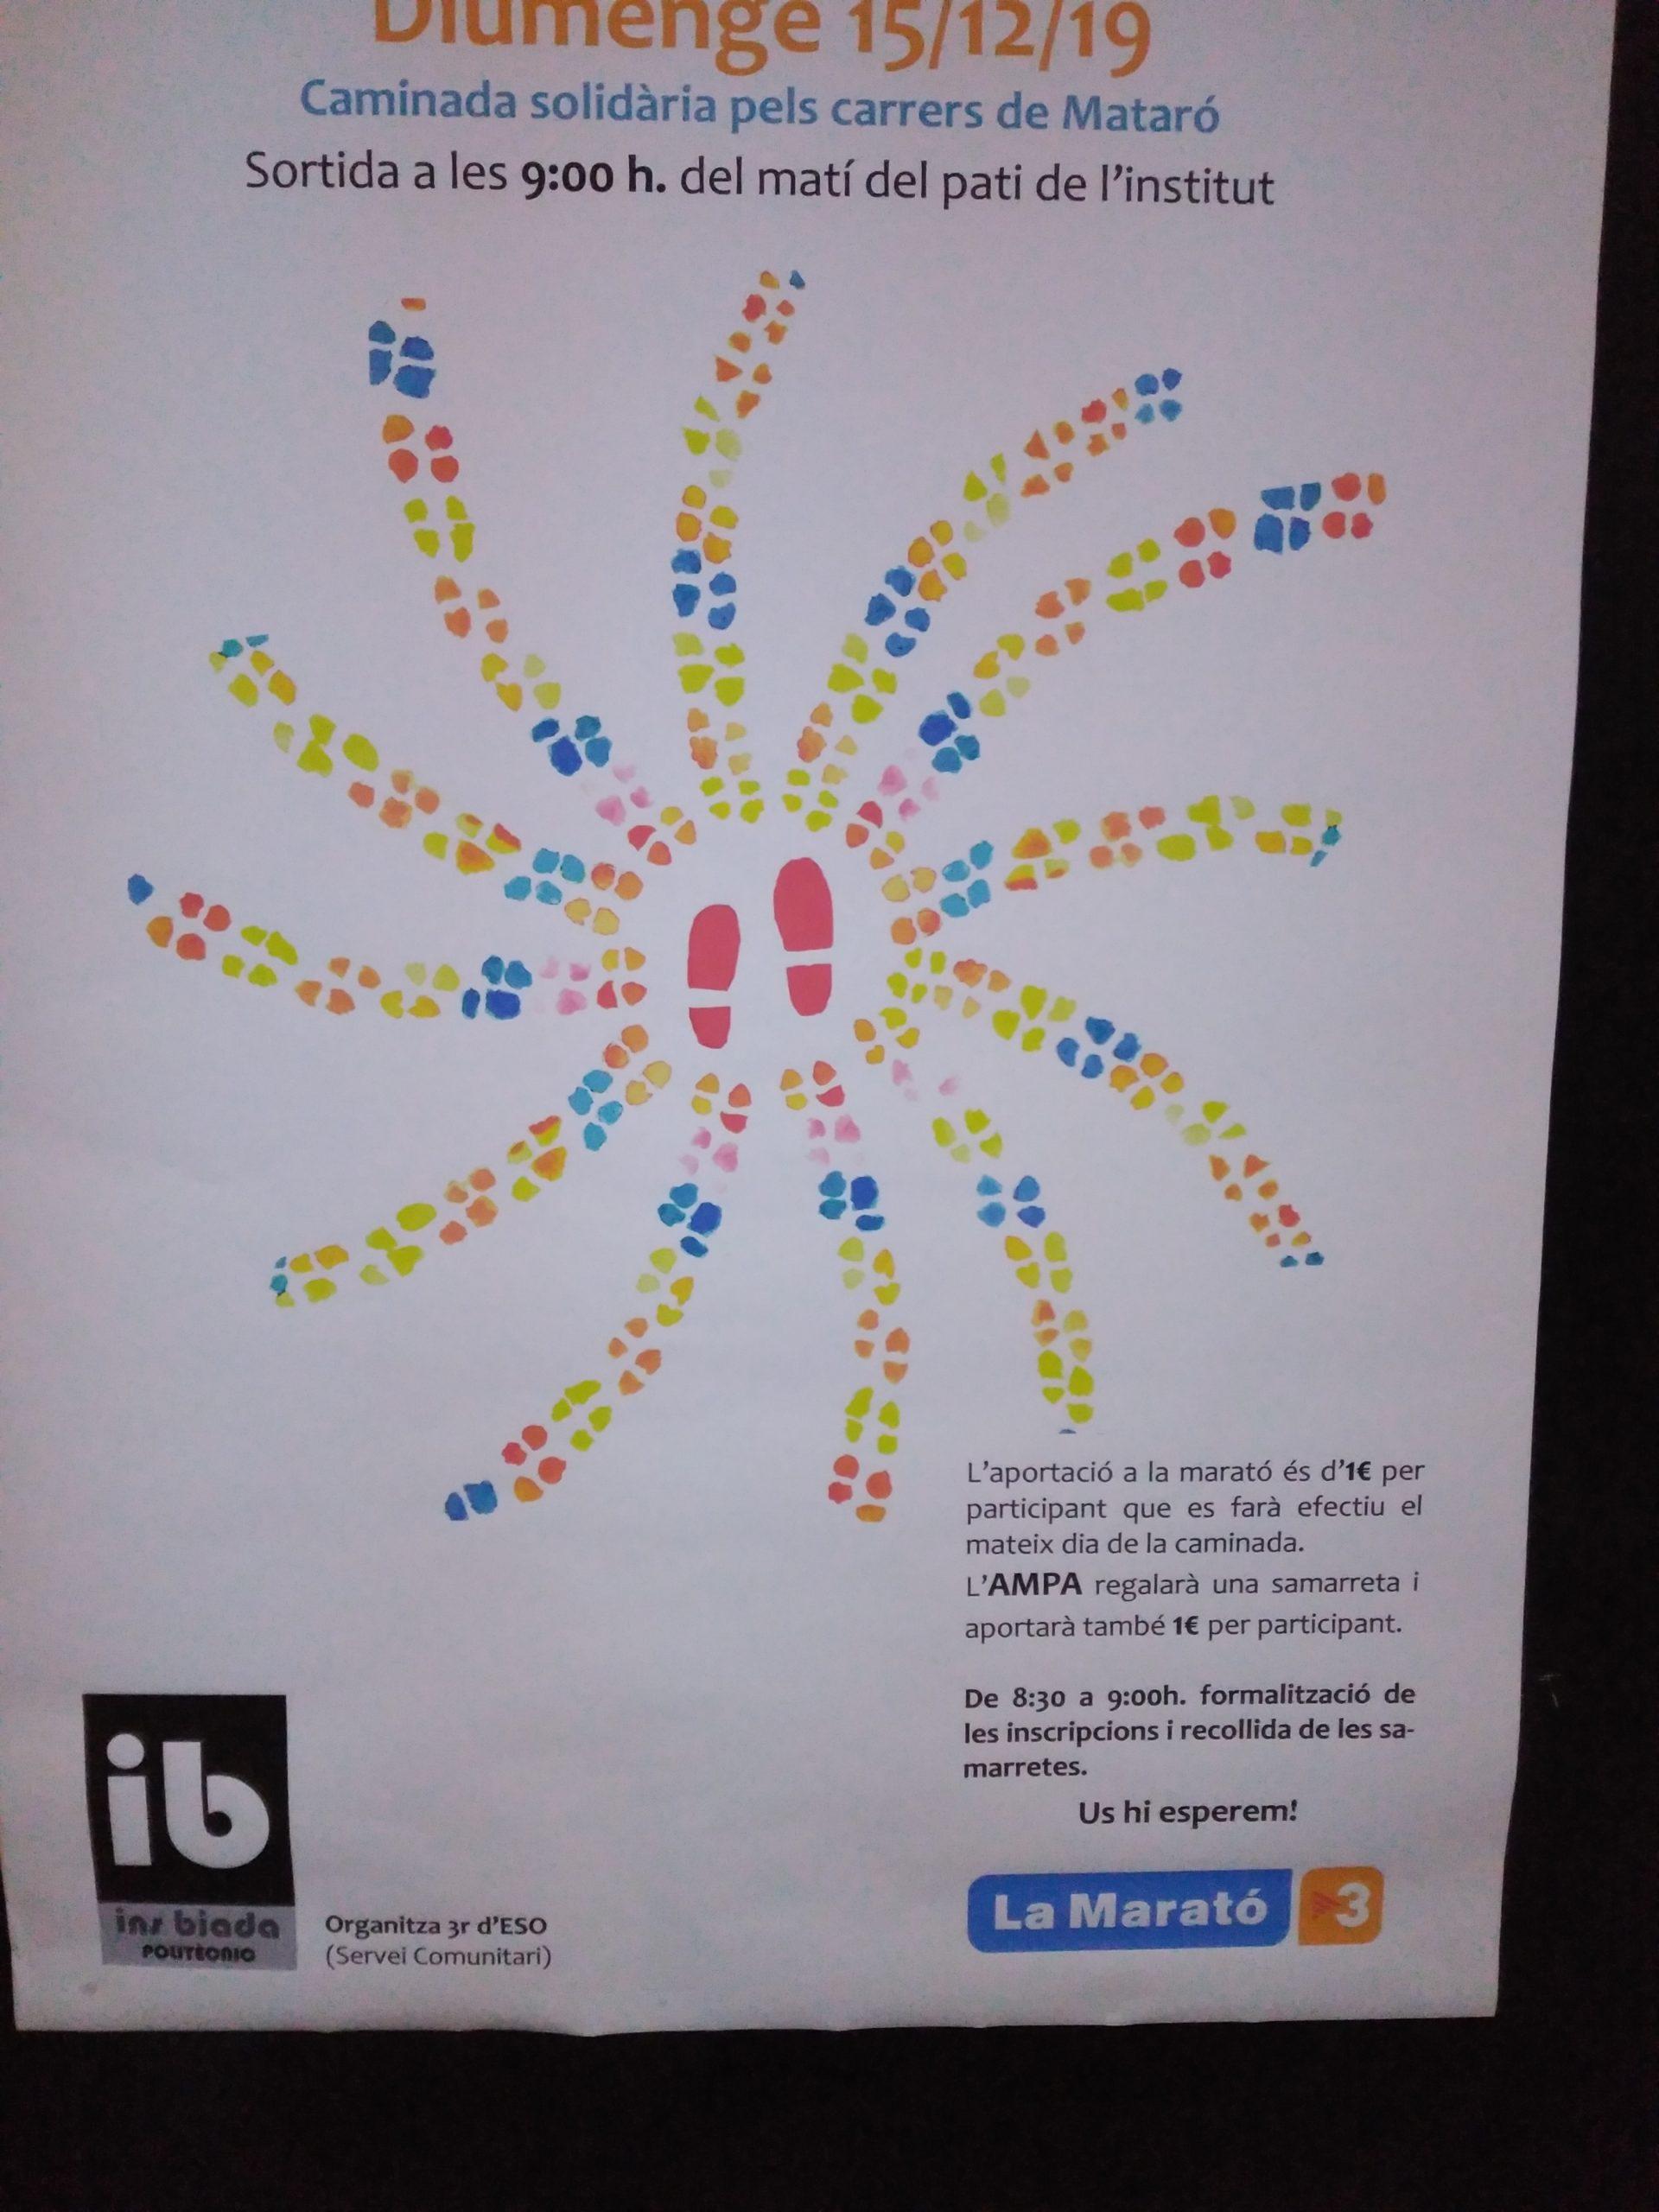 Poster de la caminada per la Marató de TV3 organitzada per 3r ESO